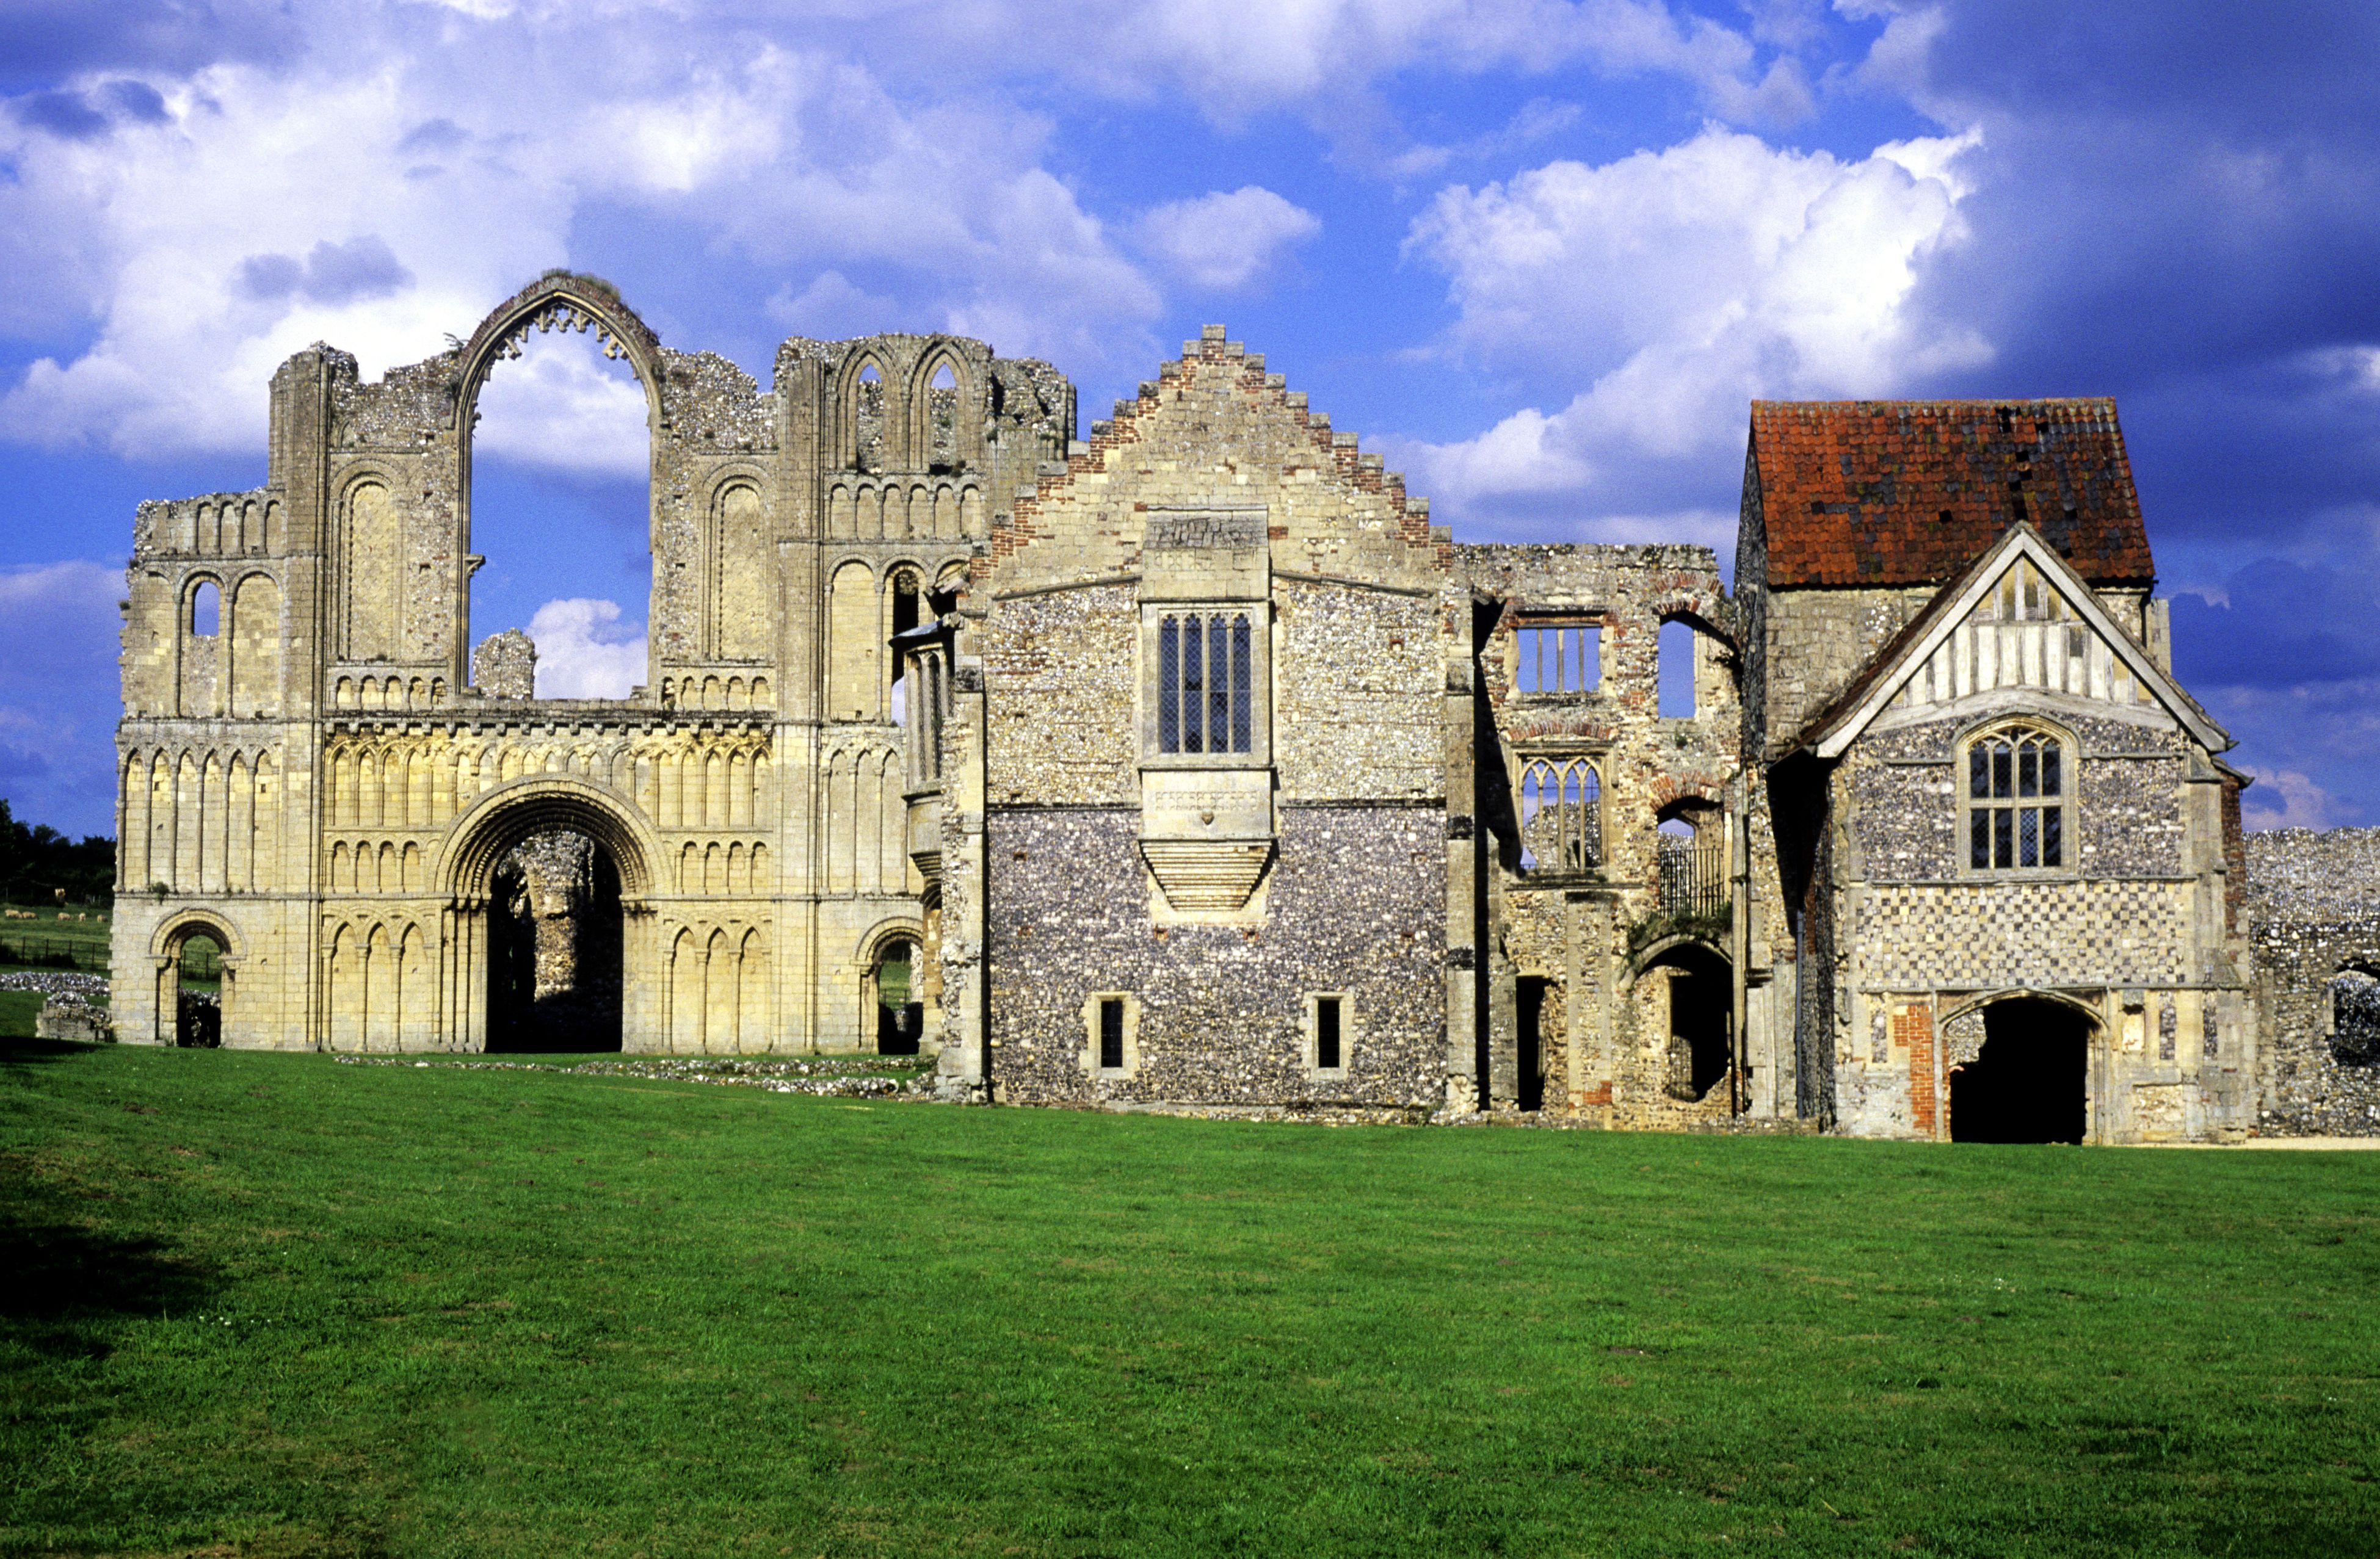 Priorato de Castle Acre, Norfolk, monasterio medieval